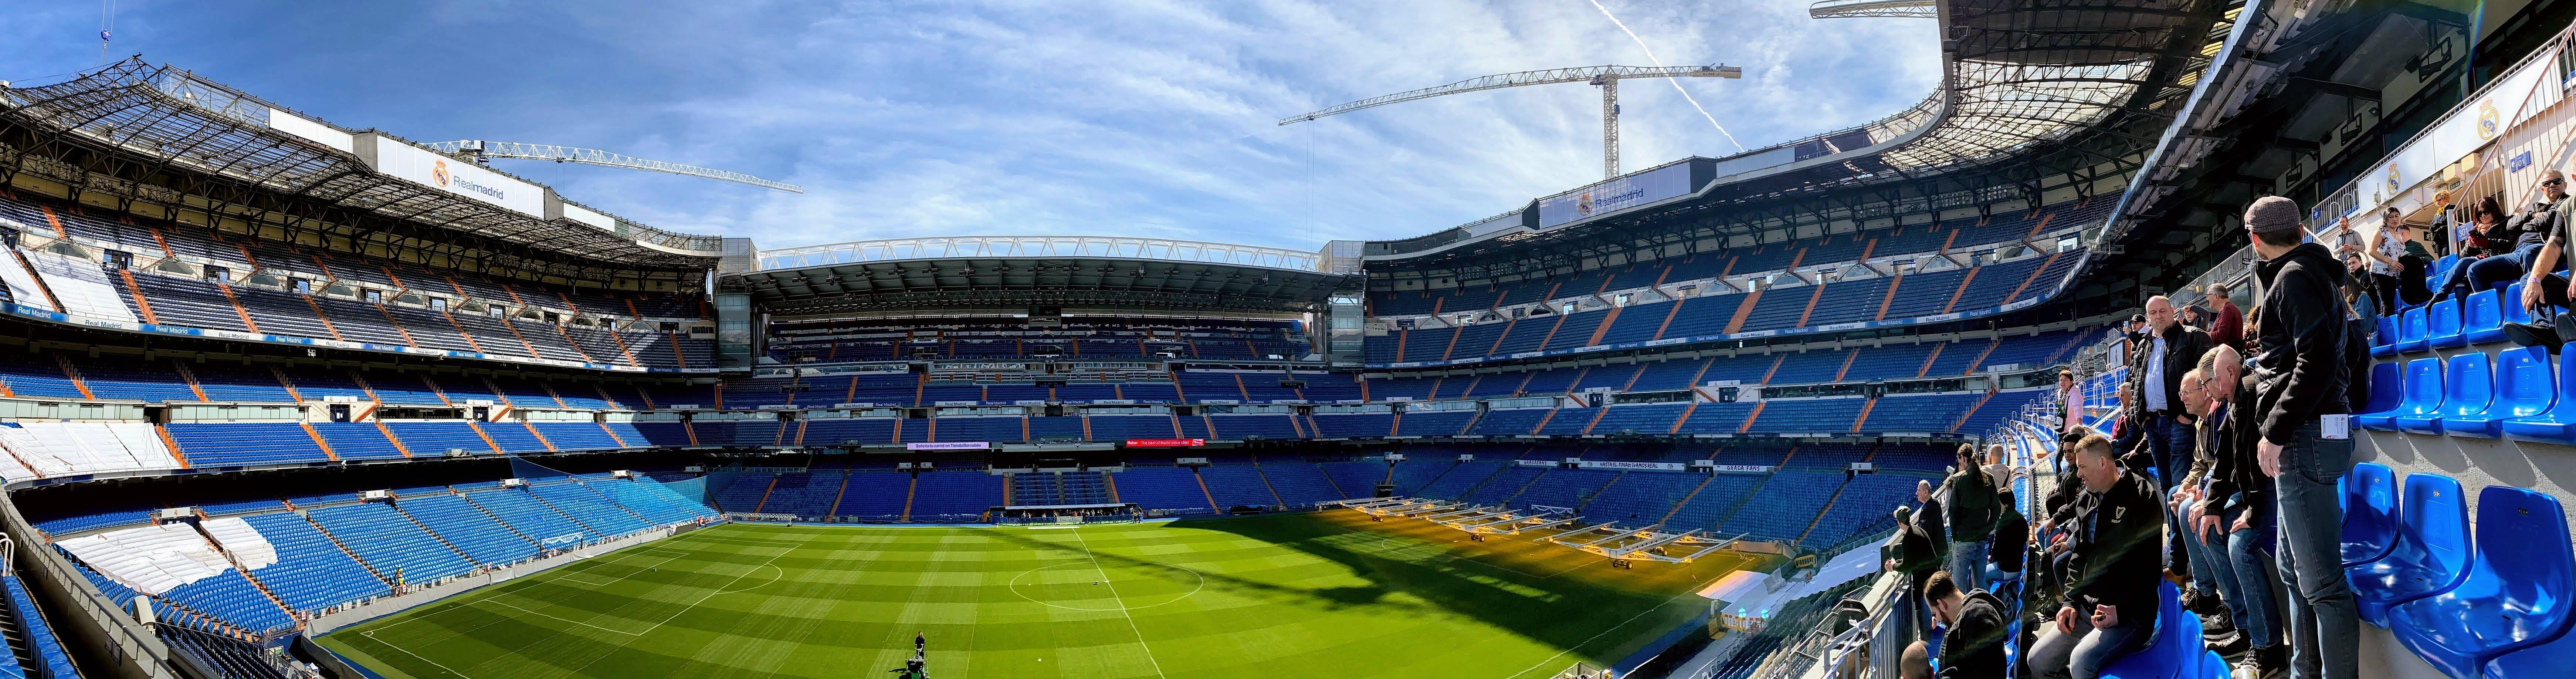 Trixi.com - Tour in bicicletta: Tour del Real Madrid